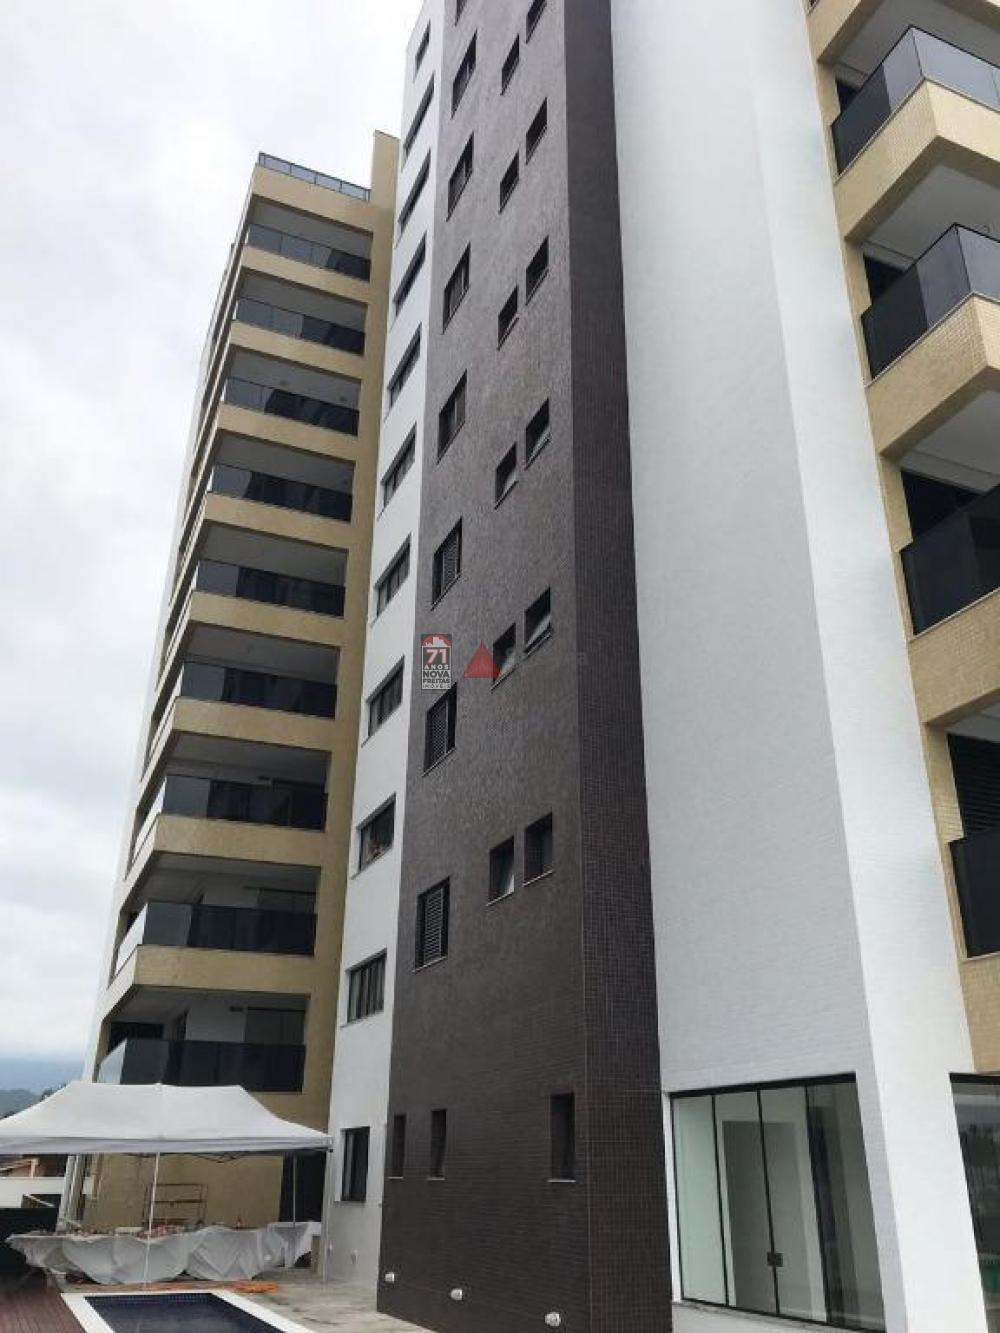 Comprar Apartamento / Padrão em Caraguatatuba R$ 1.200.000,00 - Foto 2